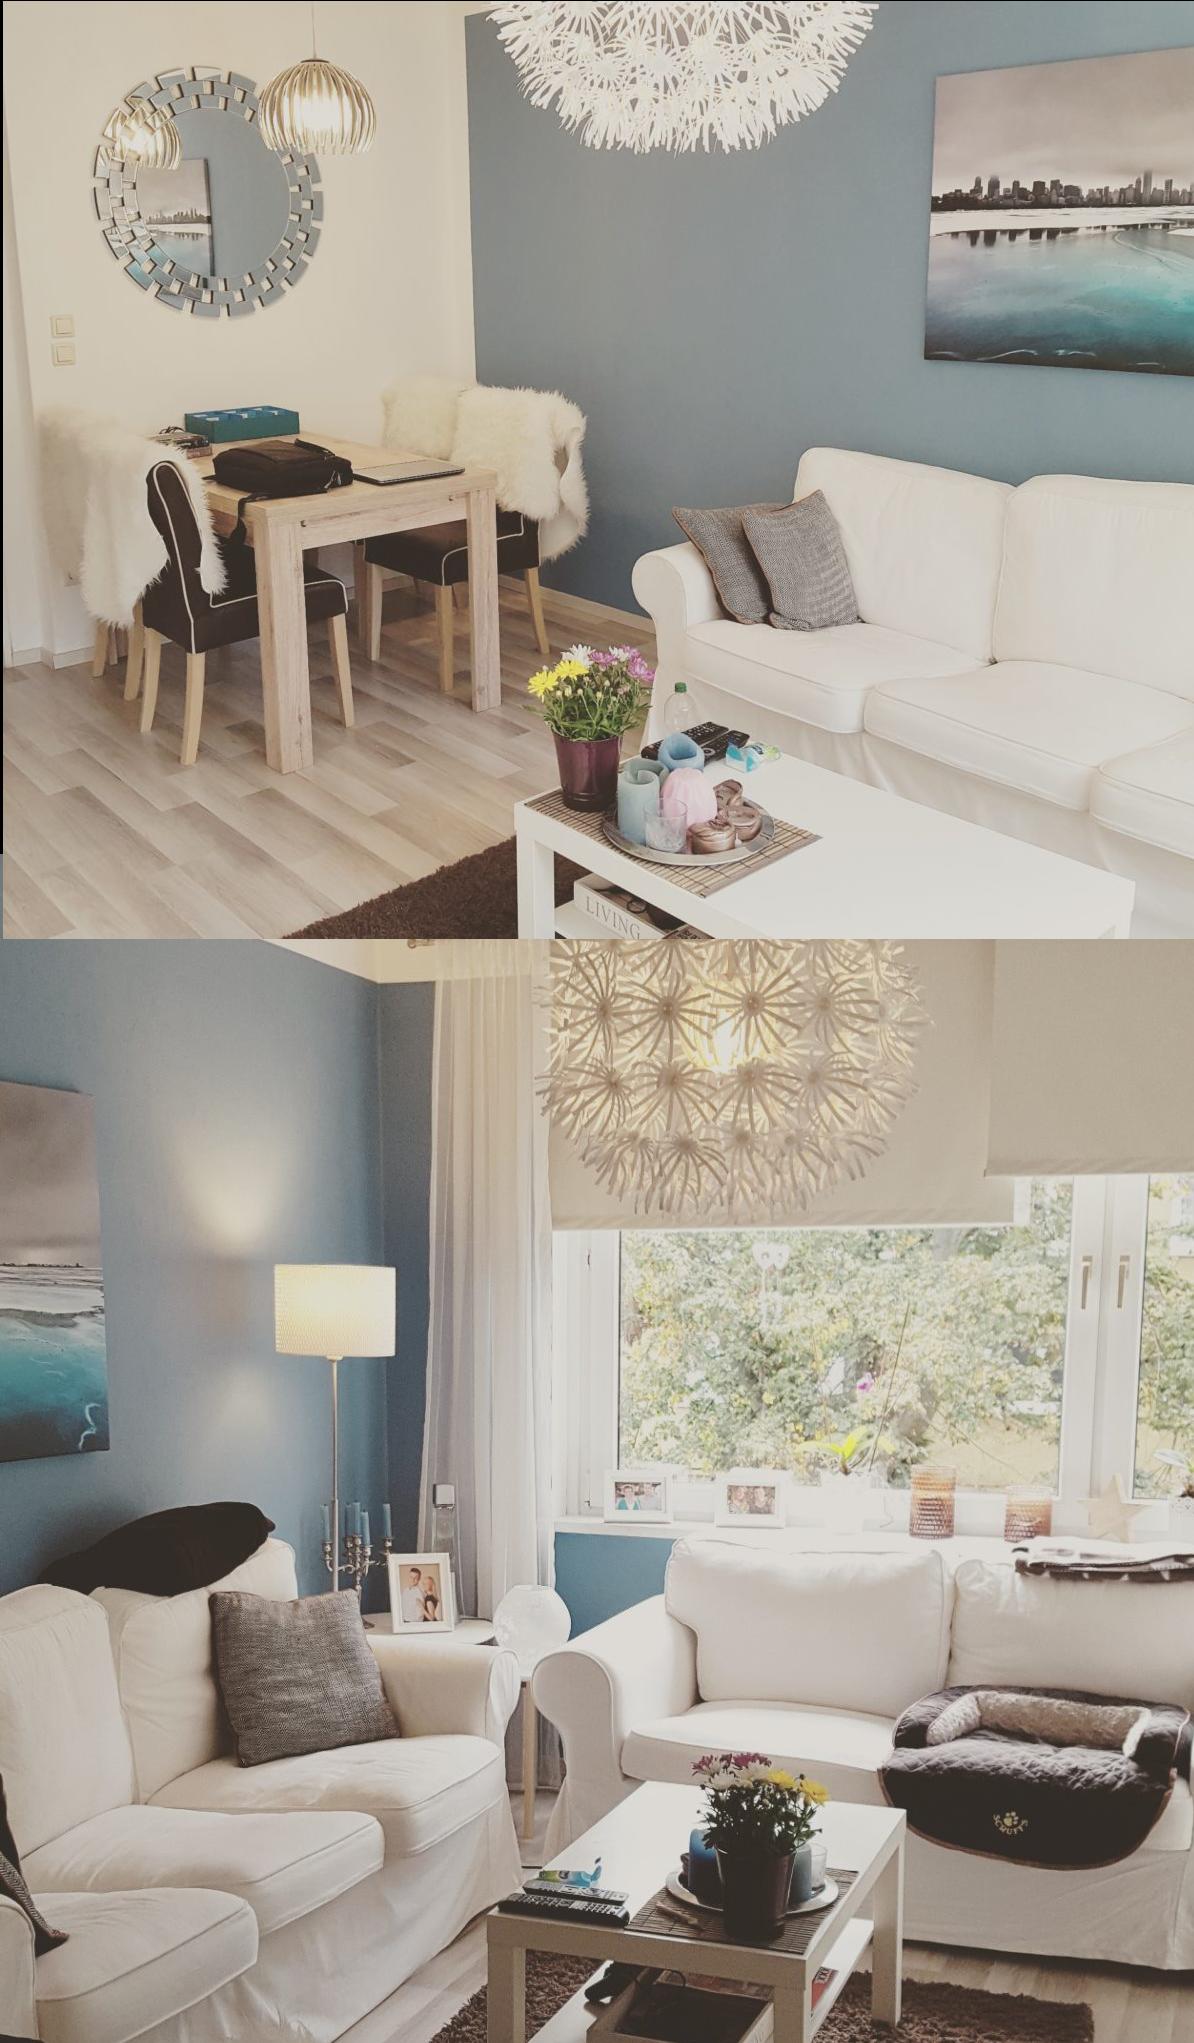 möbel für wohnzimmer ikea | neueste 30 möbel landhausstil ikea